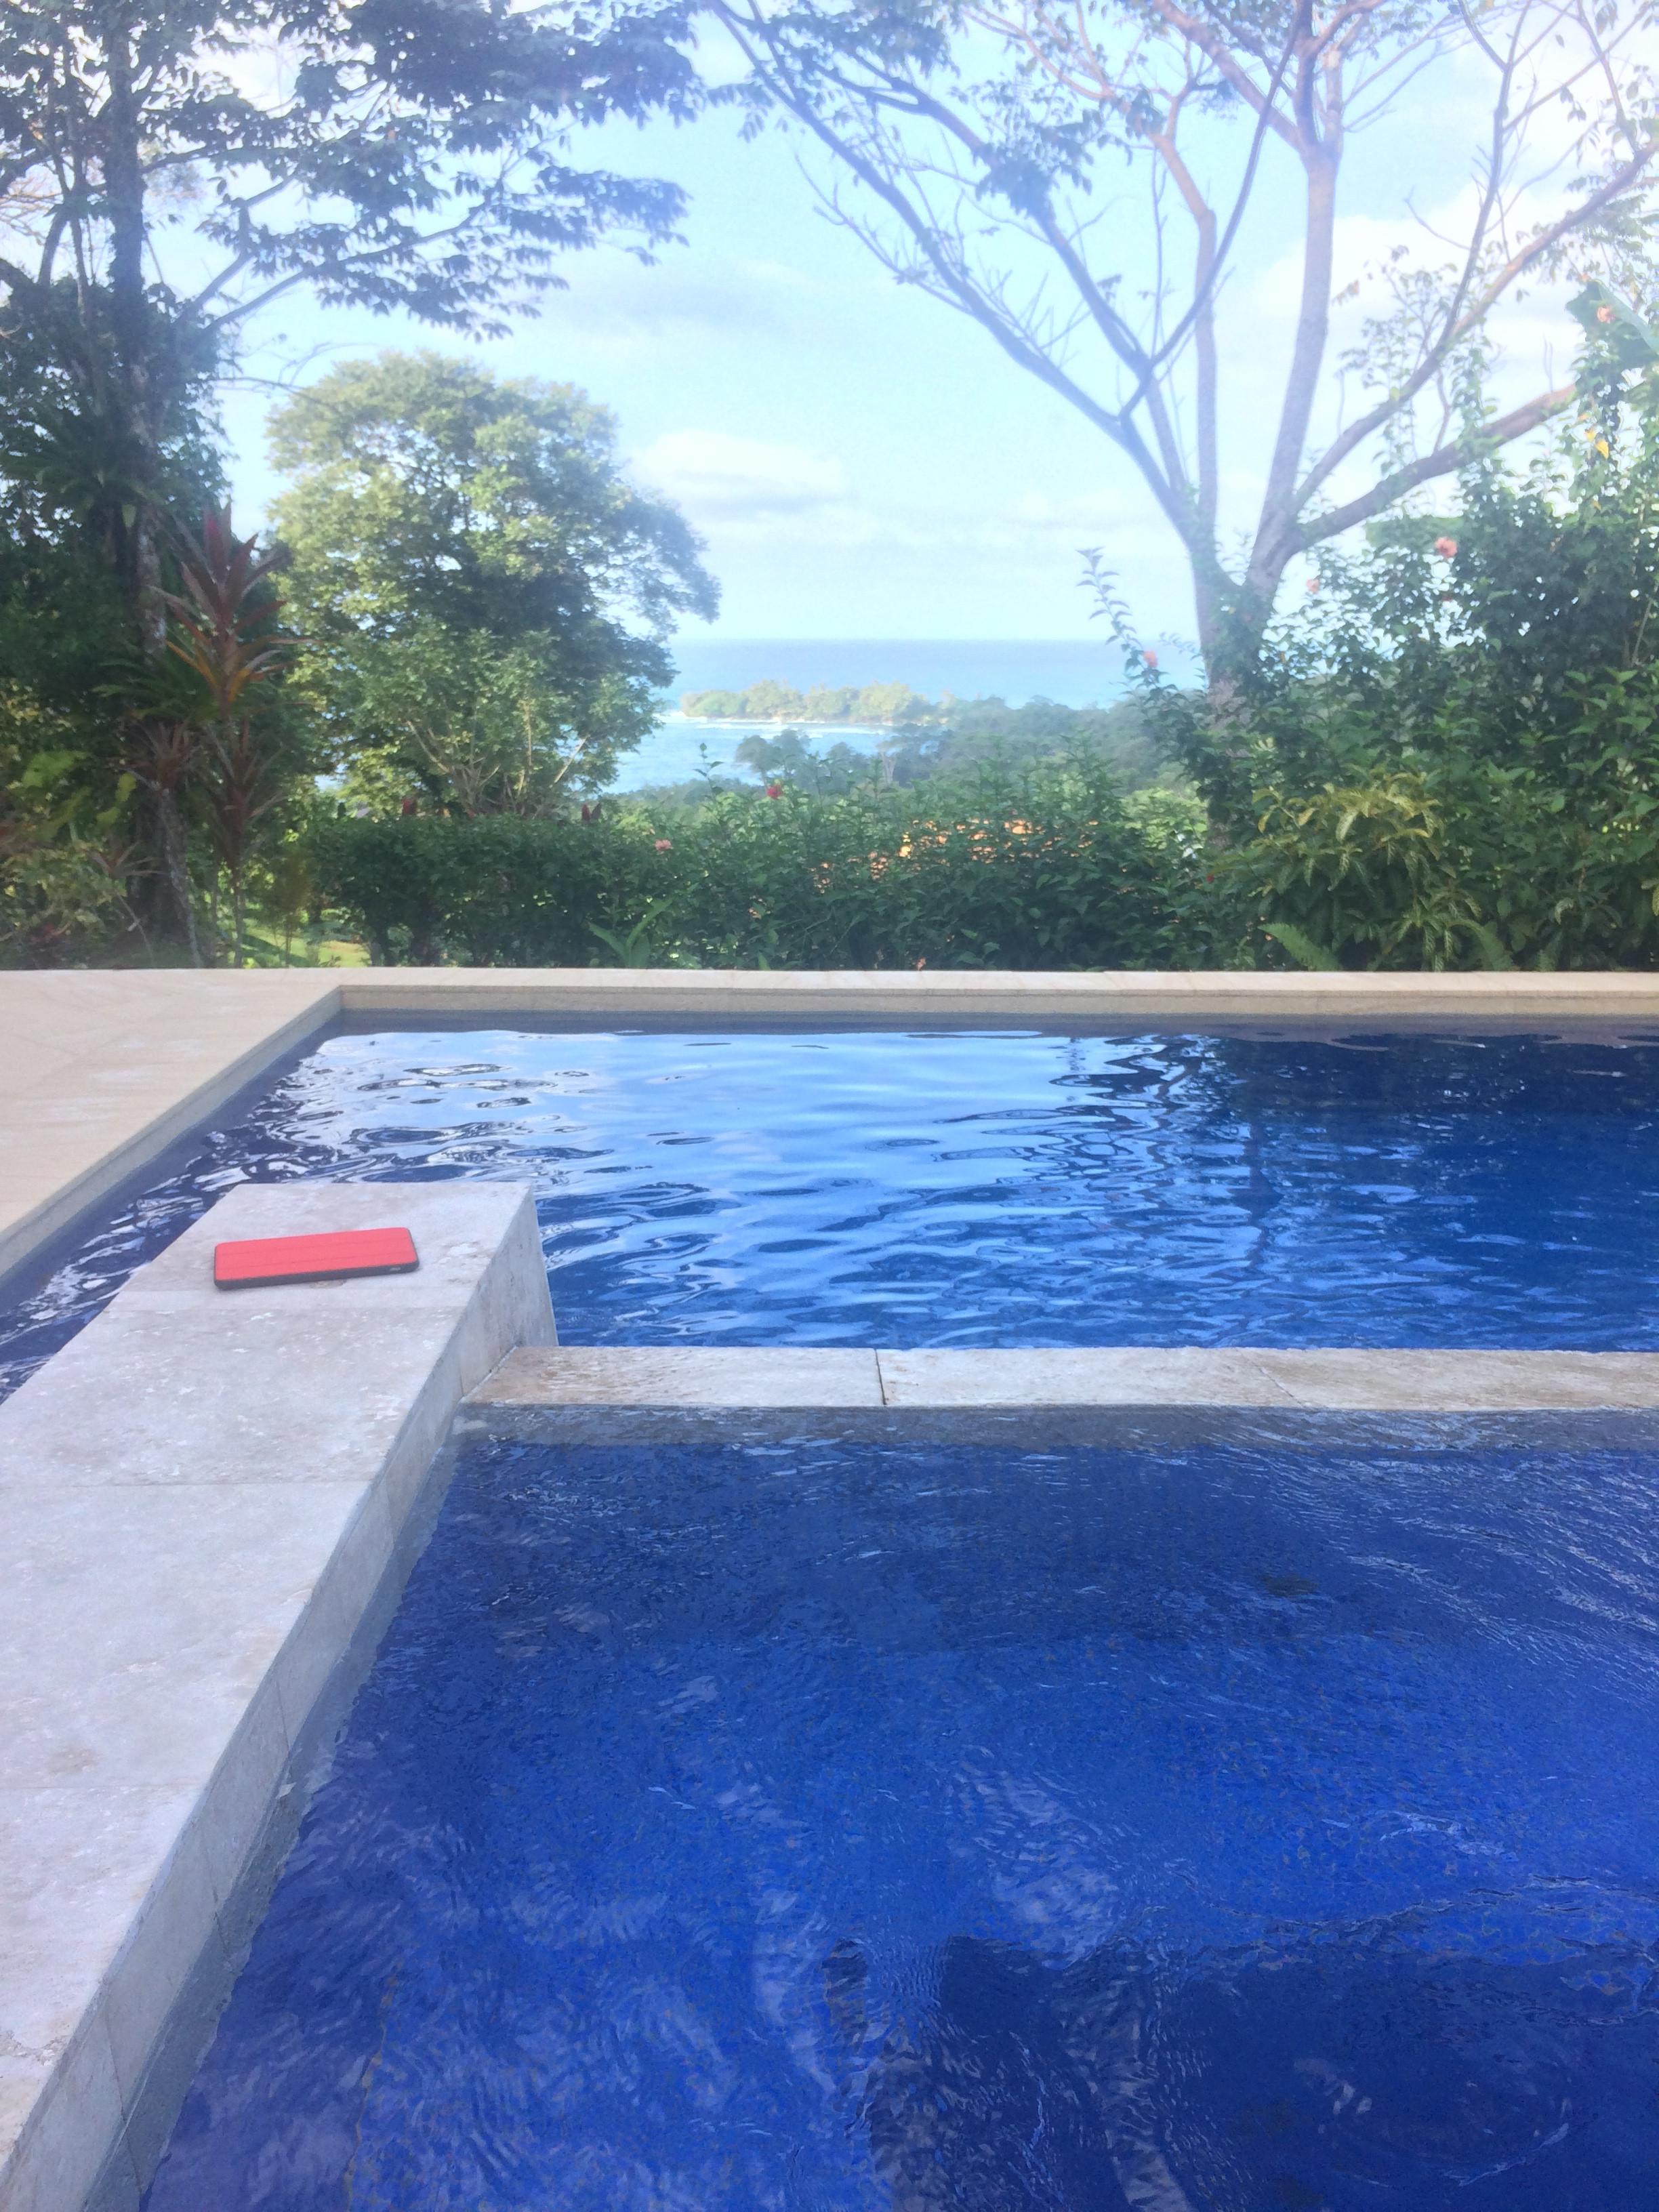 Red Frog Beach Resort review – Bocas Del Toro, Panama